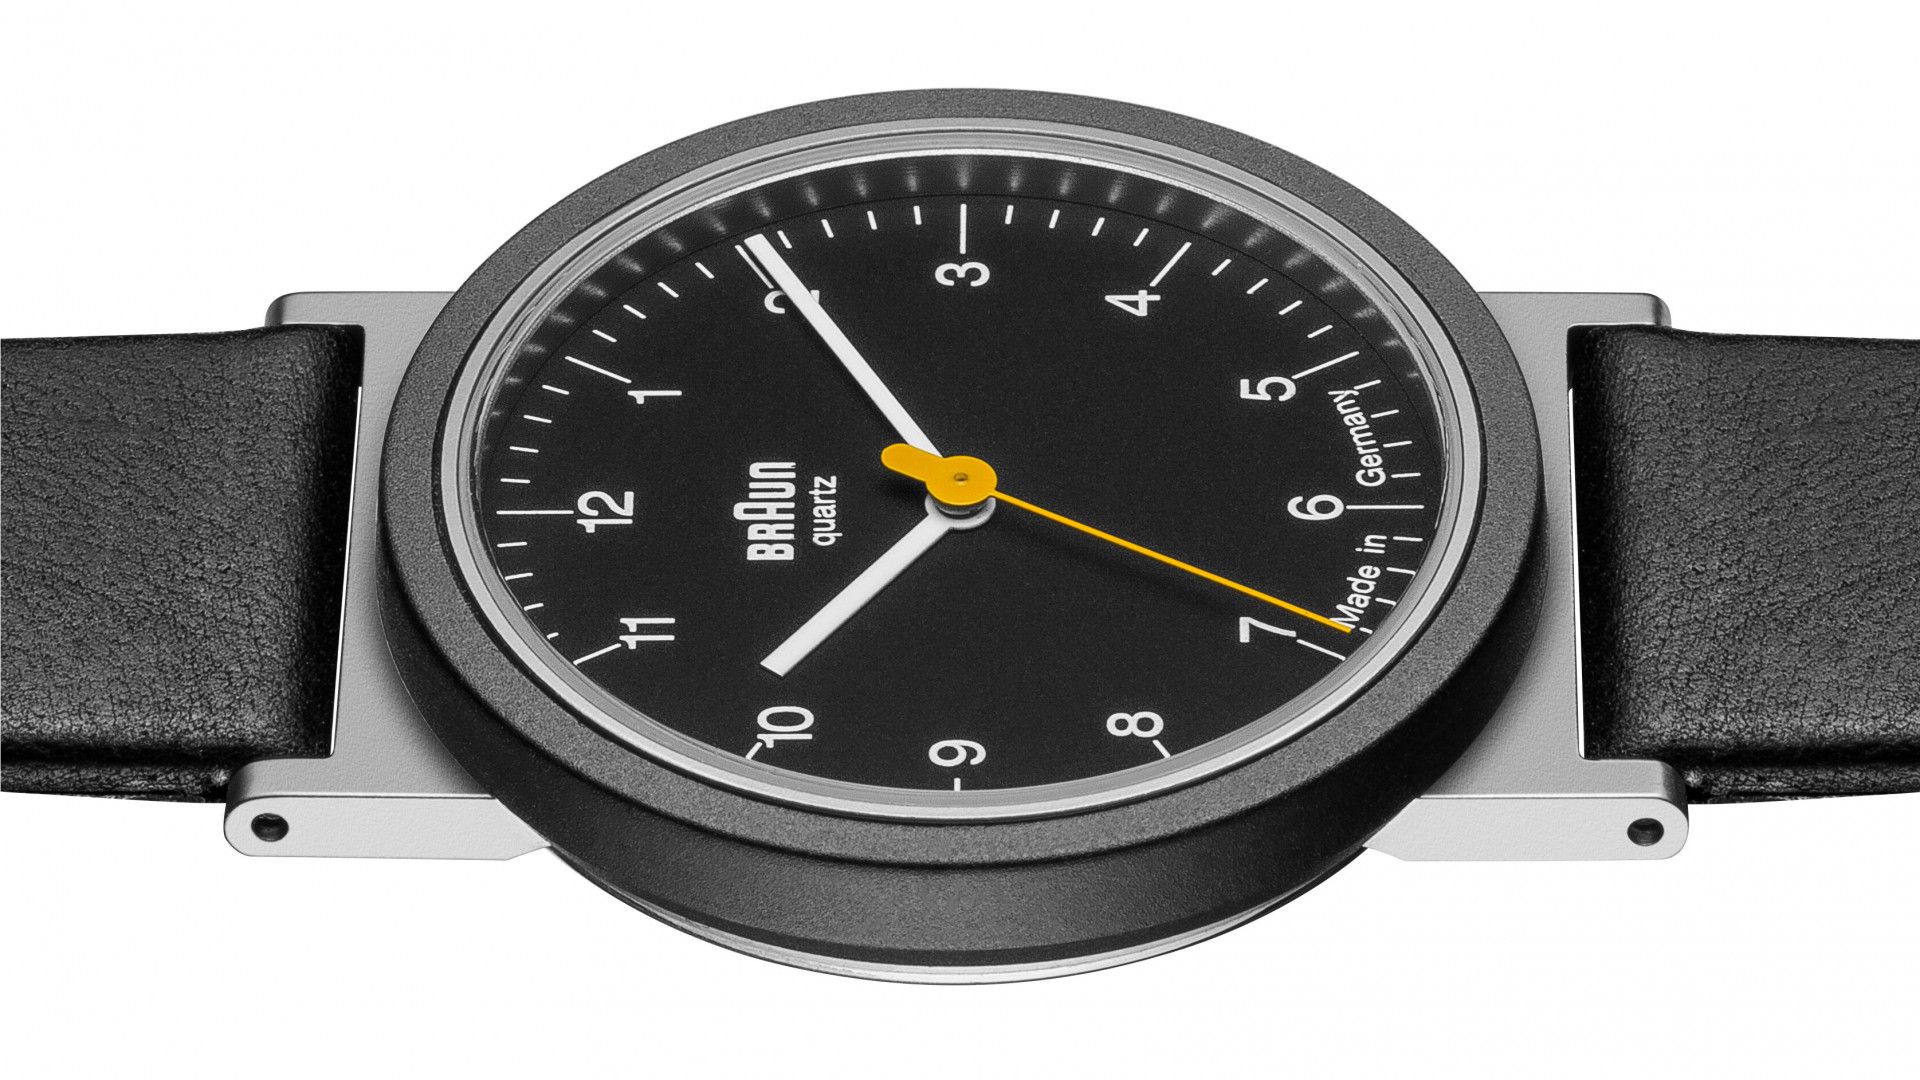 Braun watches